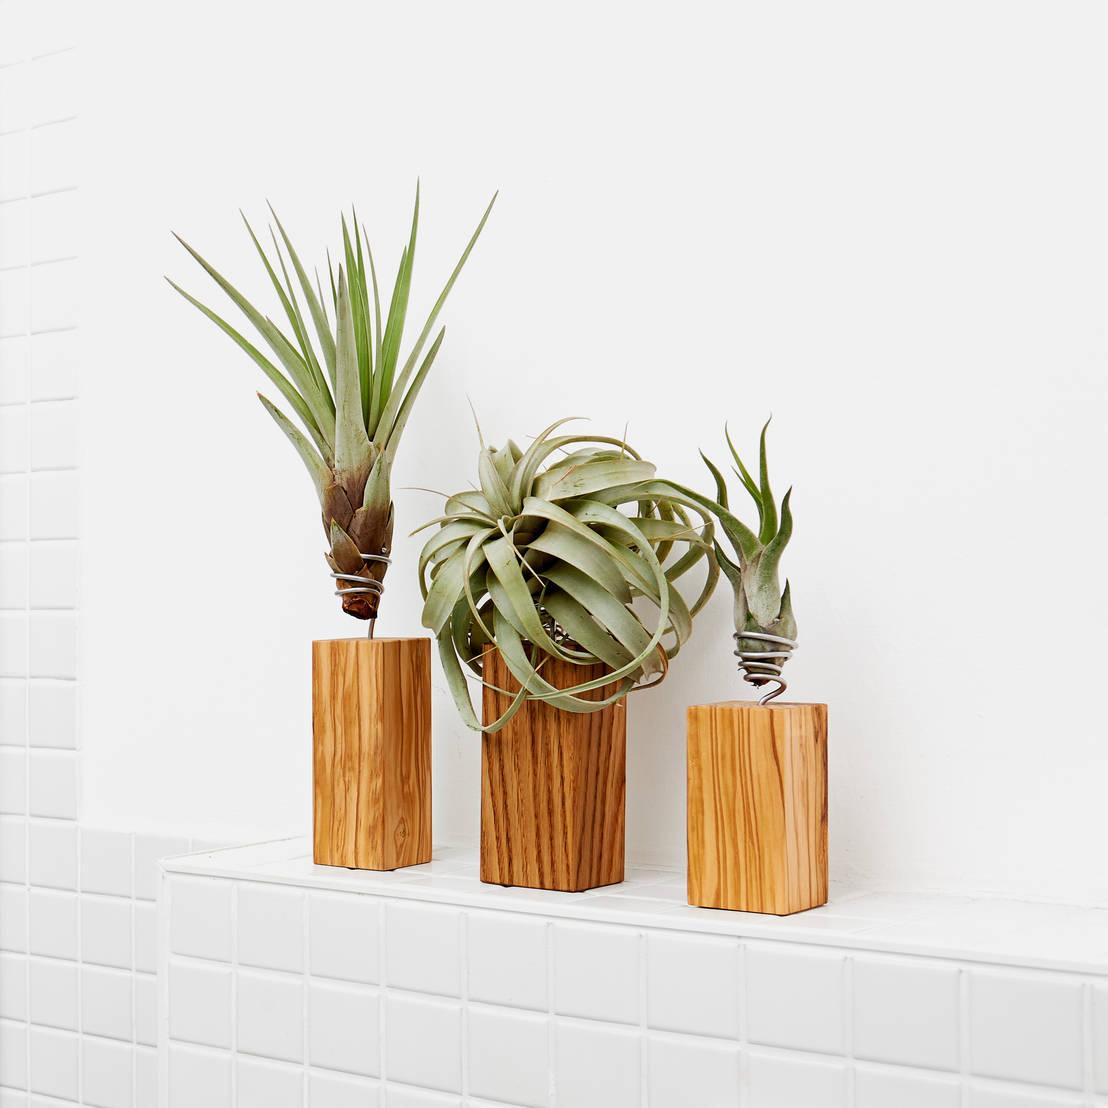 lebendiges design mit luftpflanzen von evrgreen vertriebs